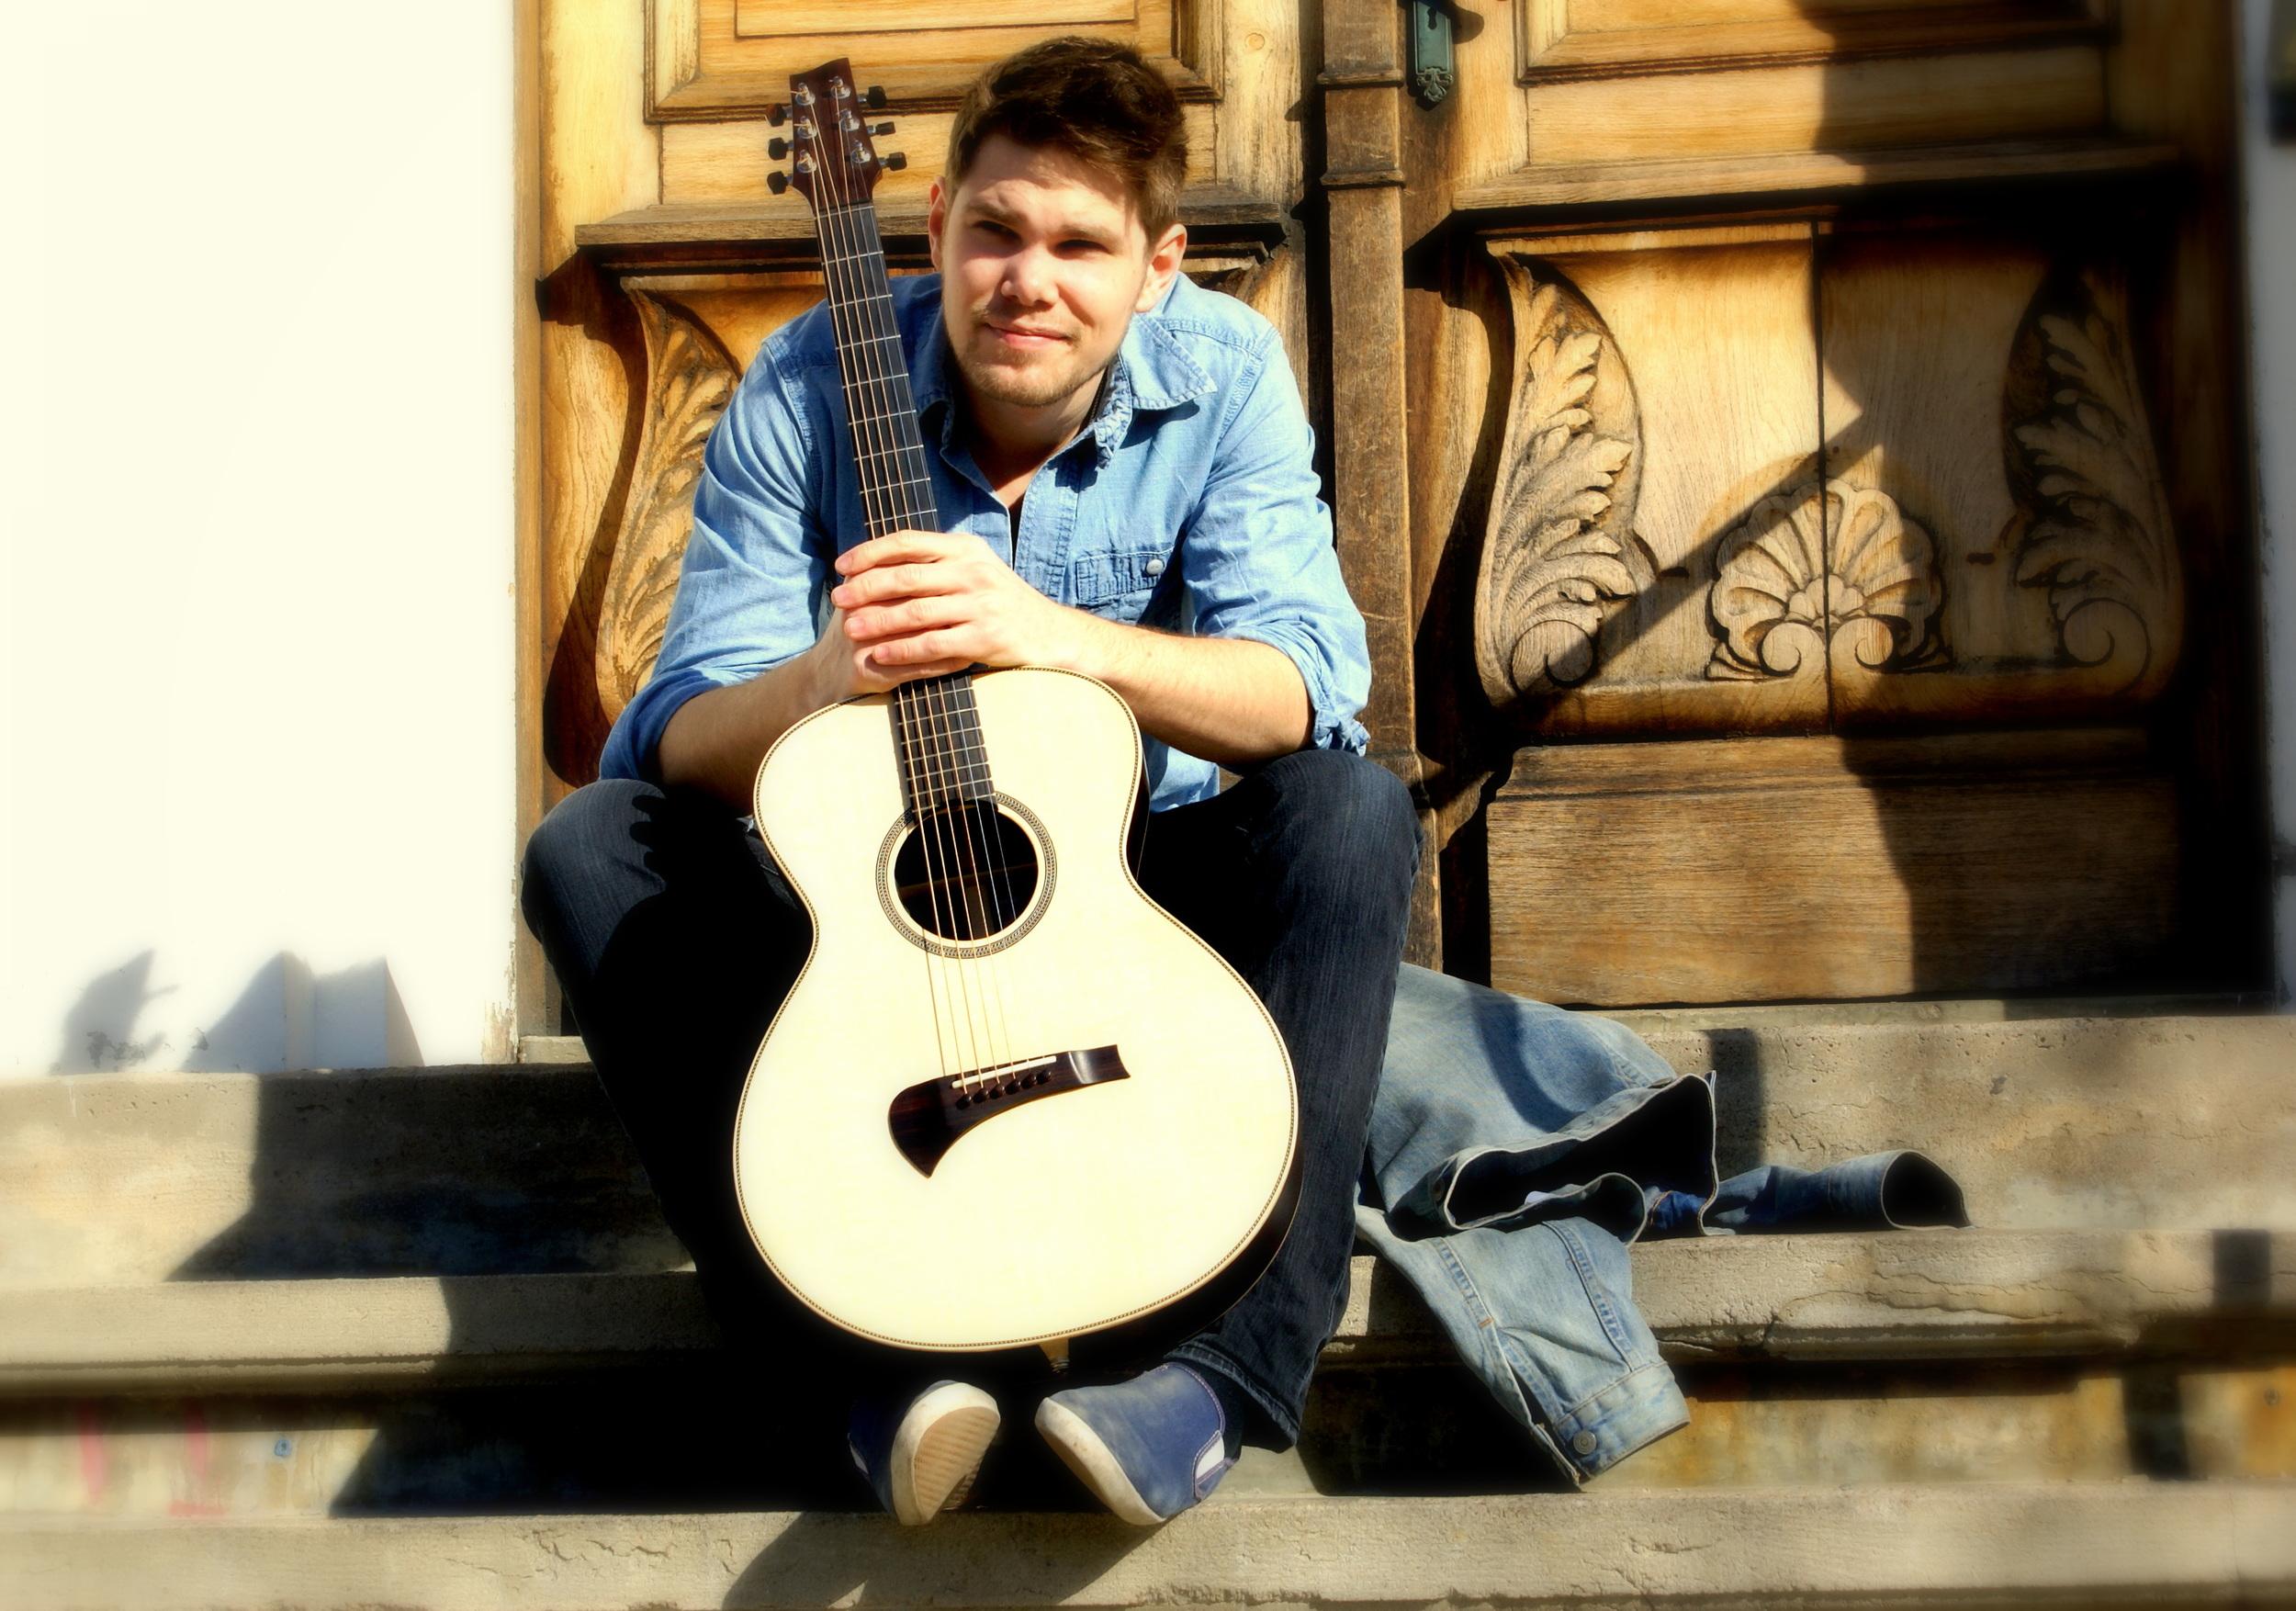 Emil Gitarrlektionsbild.JPG